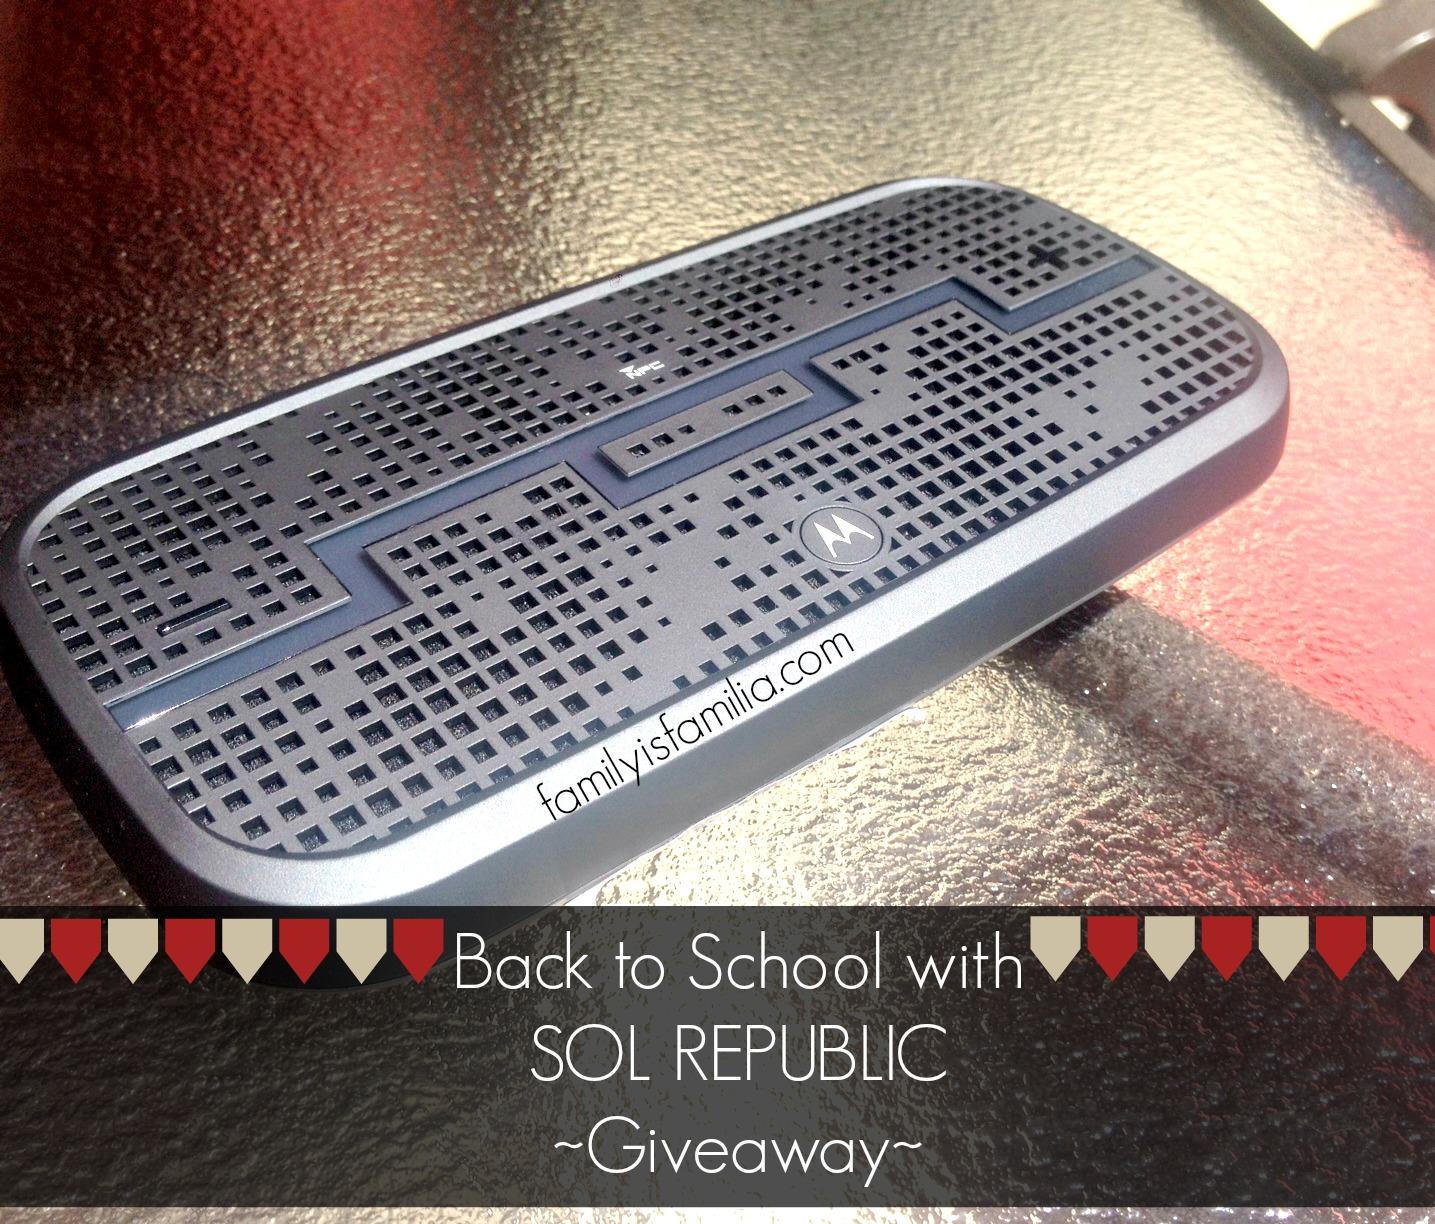 back-school-sol-republic-giveaway